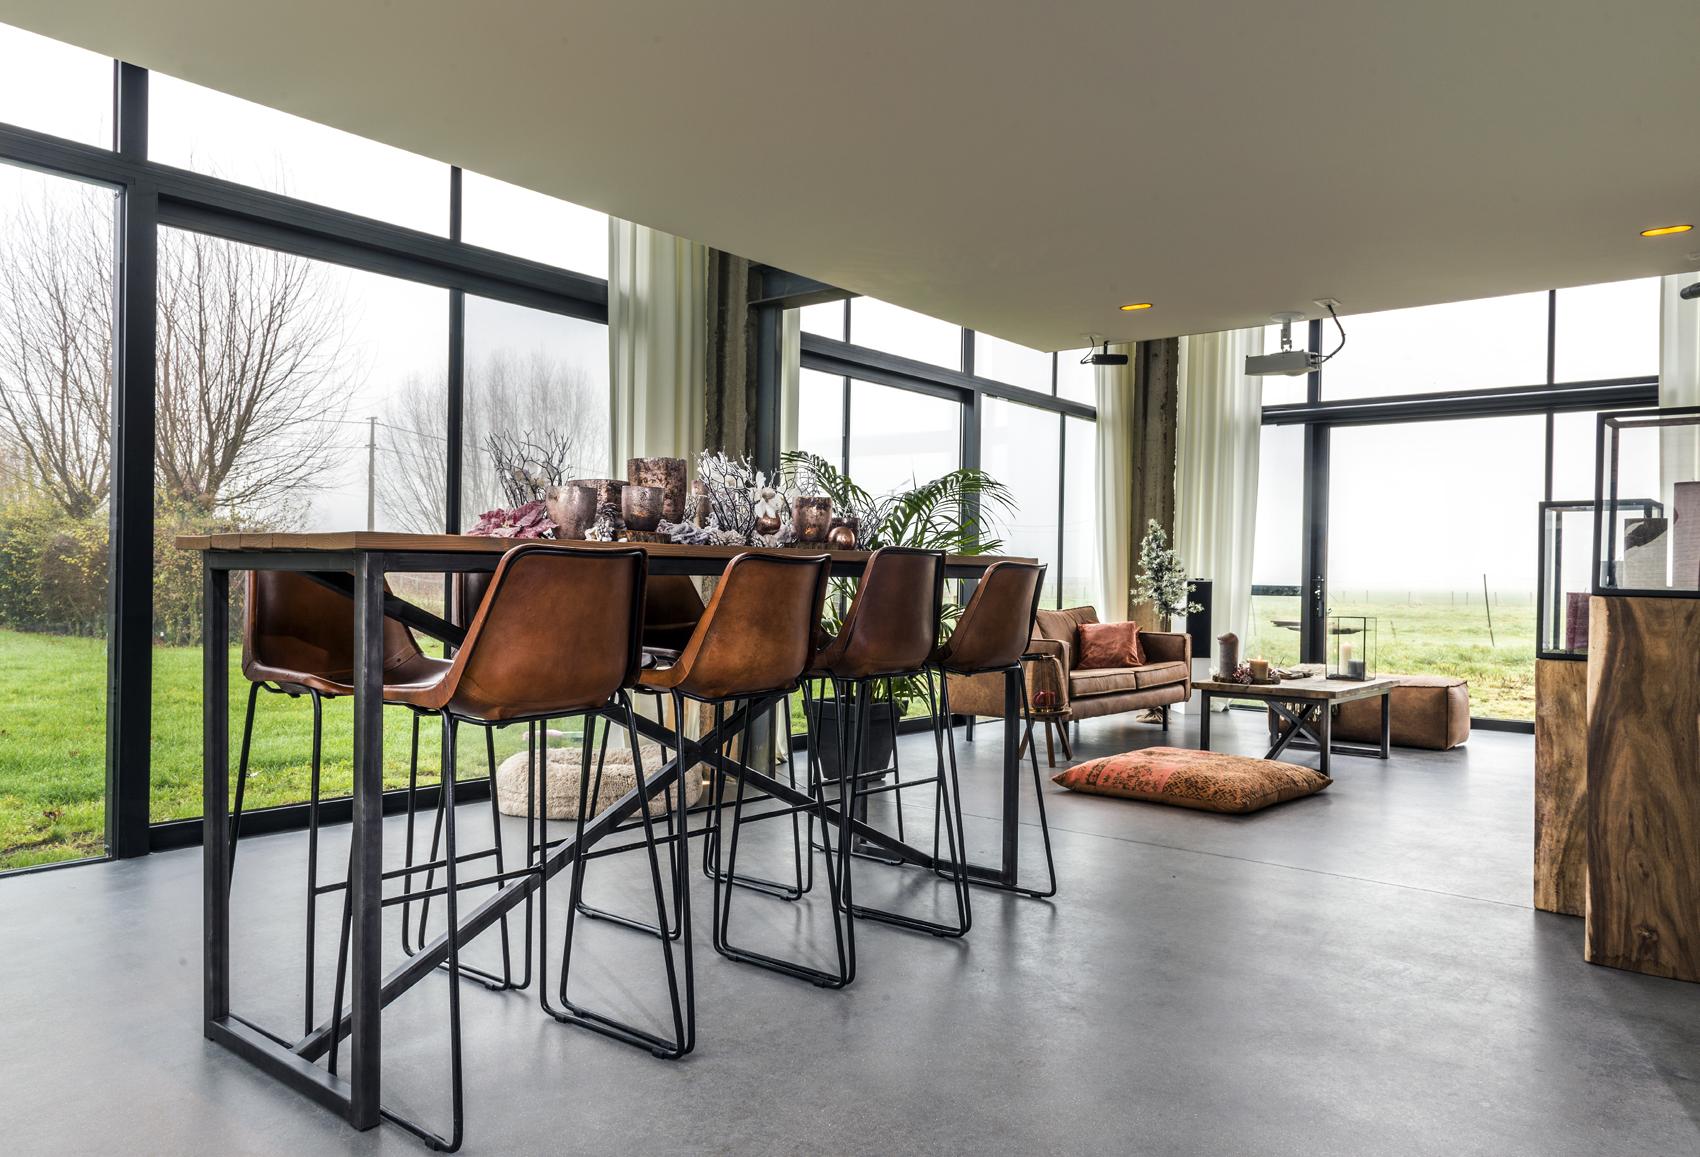 Totaalinrichting van een rustieke barn - Inrichting van een lounge in lengte ...